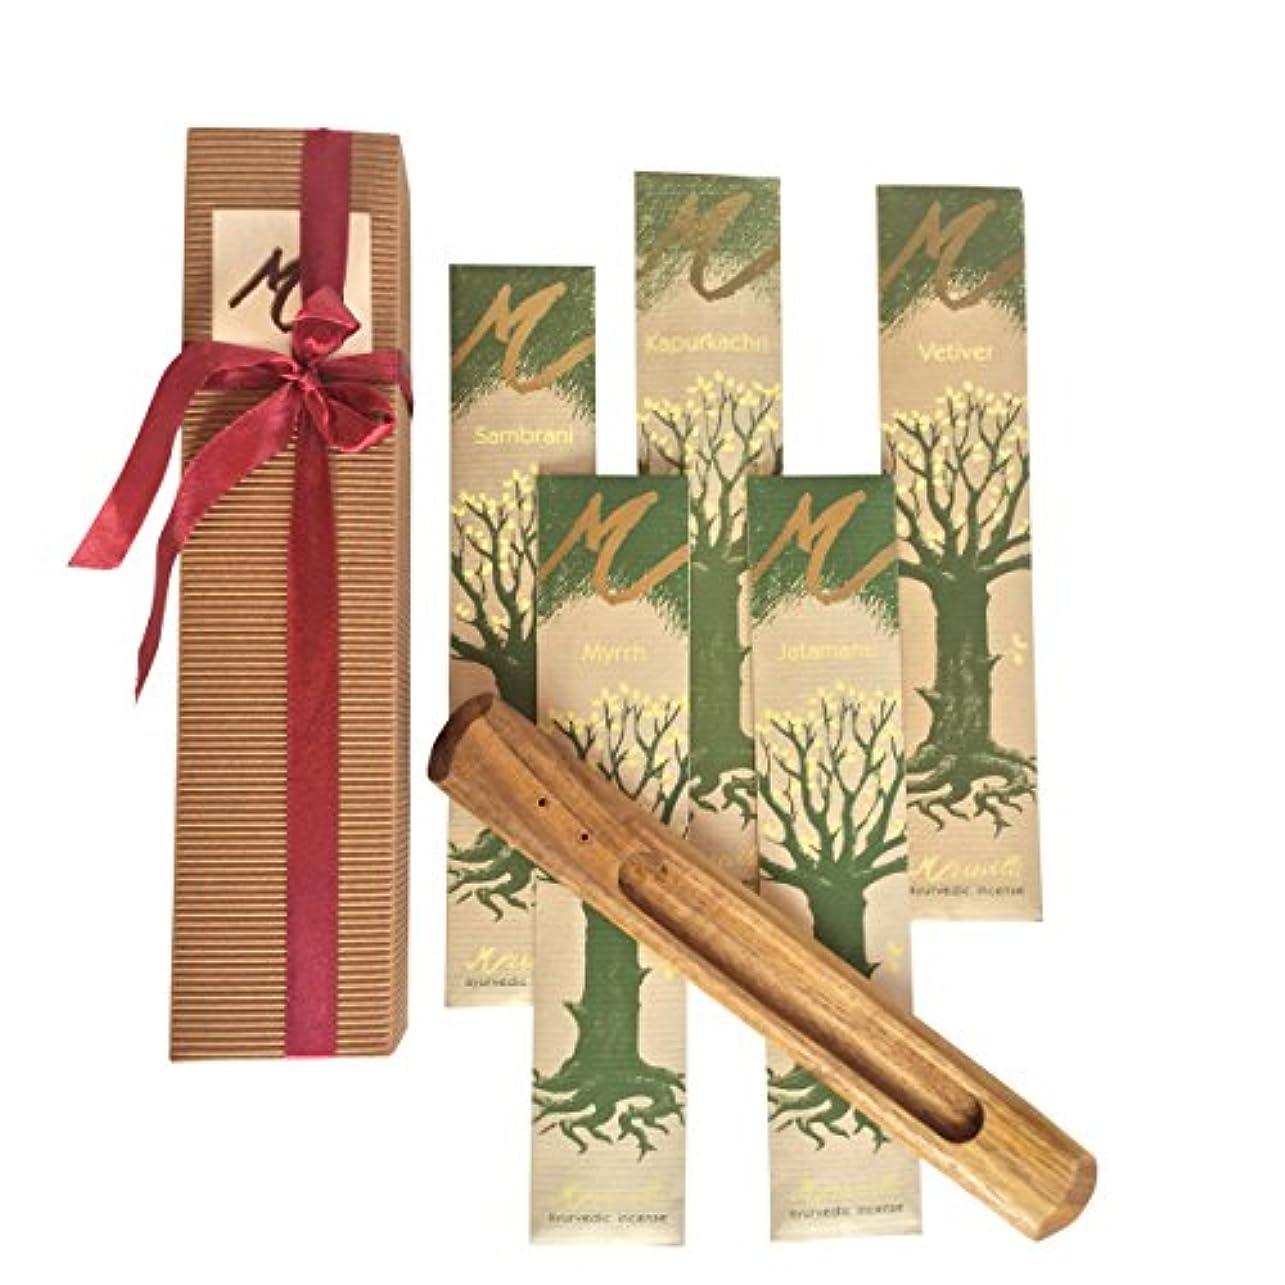 断線選出するアーカイブプレミアムIncense Sticks , Ayurvedic Aromaticお香ギフトセットボックスには5種類のお香( Jatamansi、kapurkachuri、Myrrh、ベチバー、Sambrani )と木製スティックホルダー。GREAT GIFT IDEA